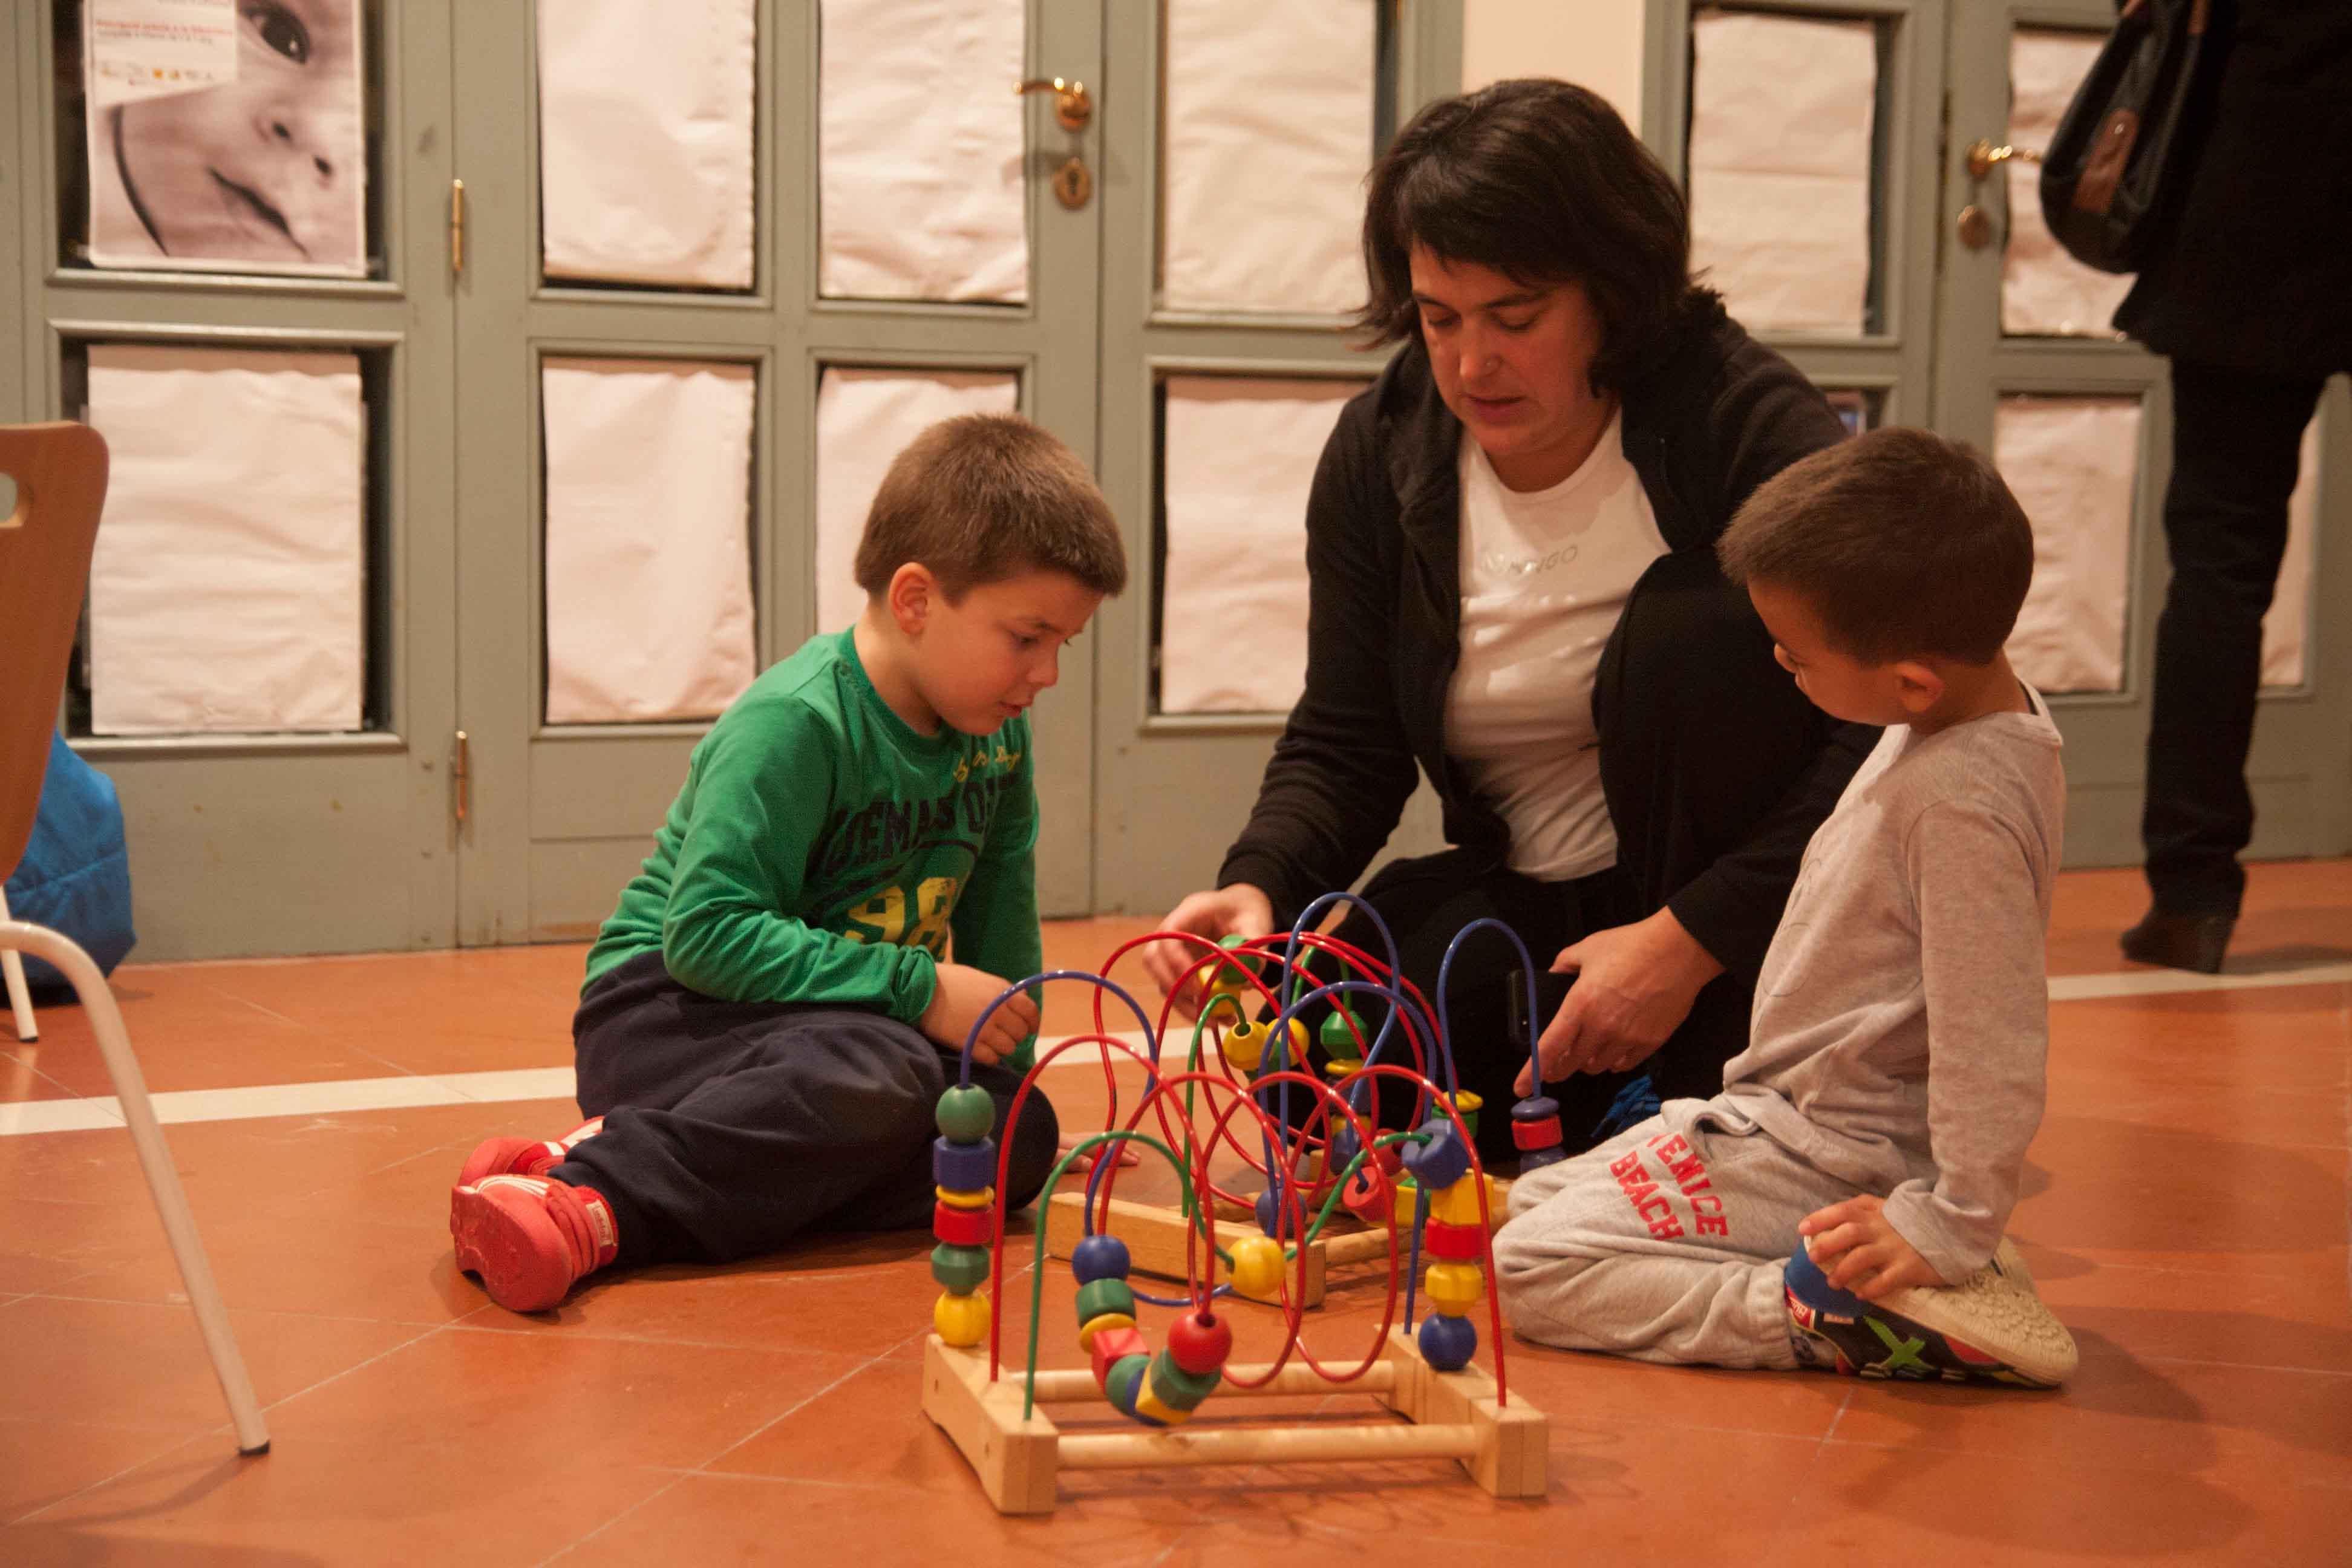 Maestra jugando con dos niños en el suelo de una ludoteca